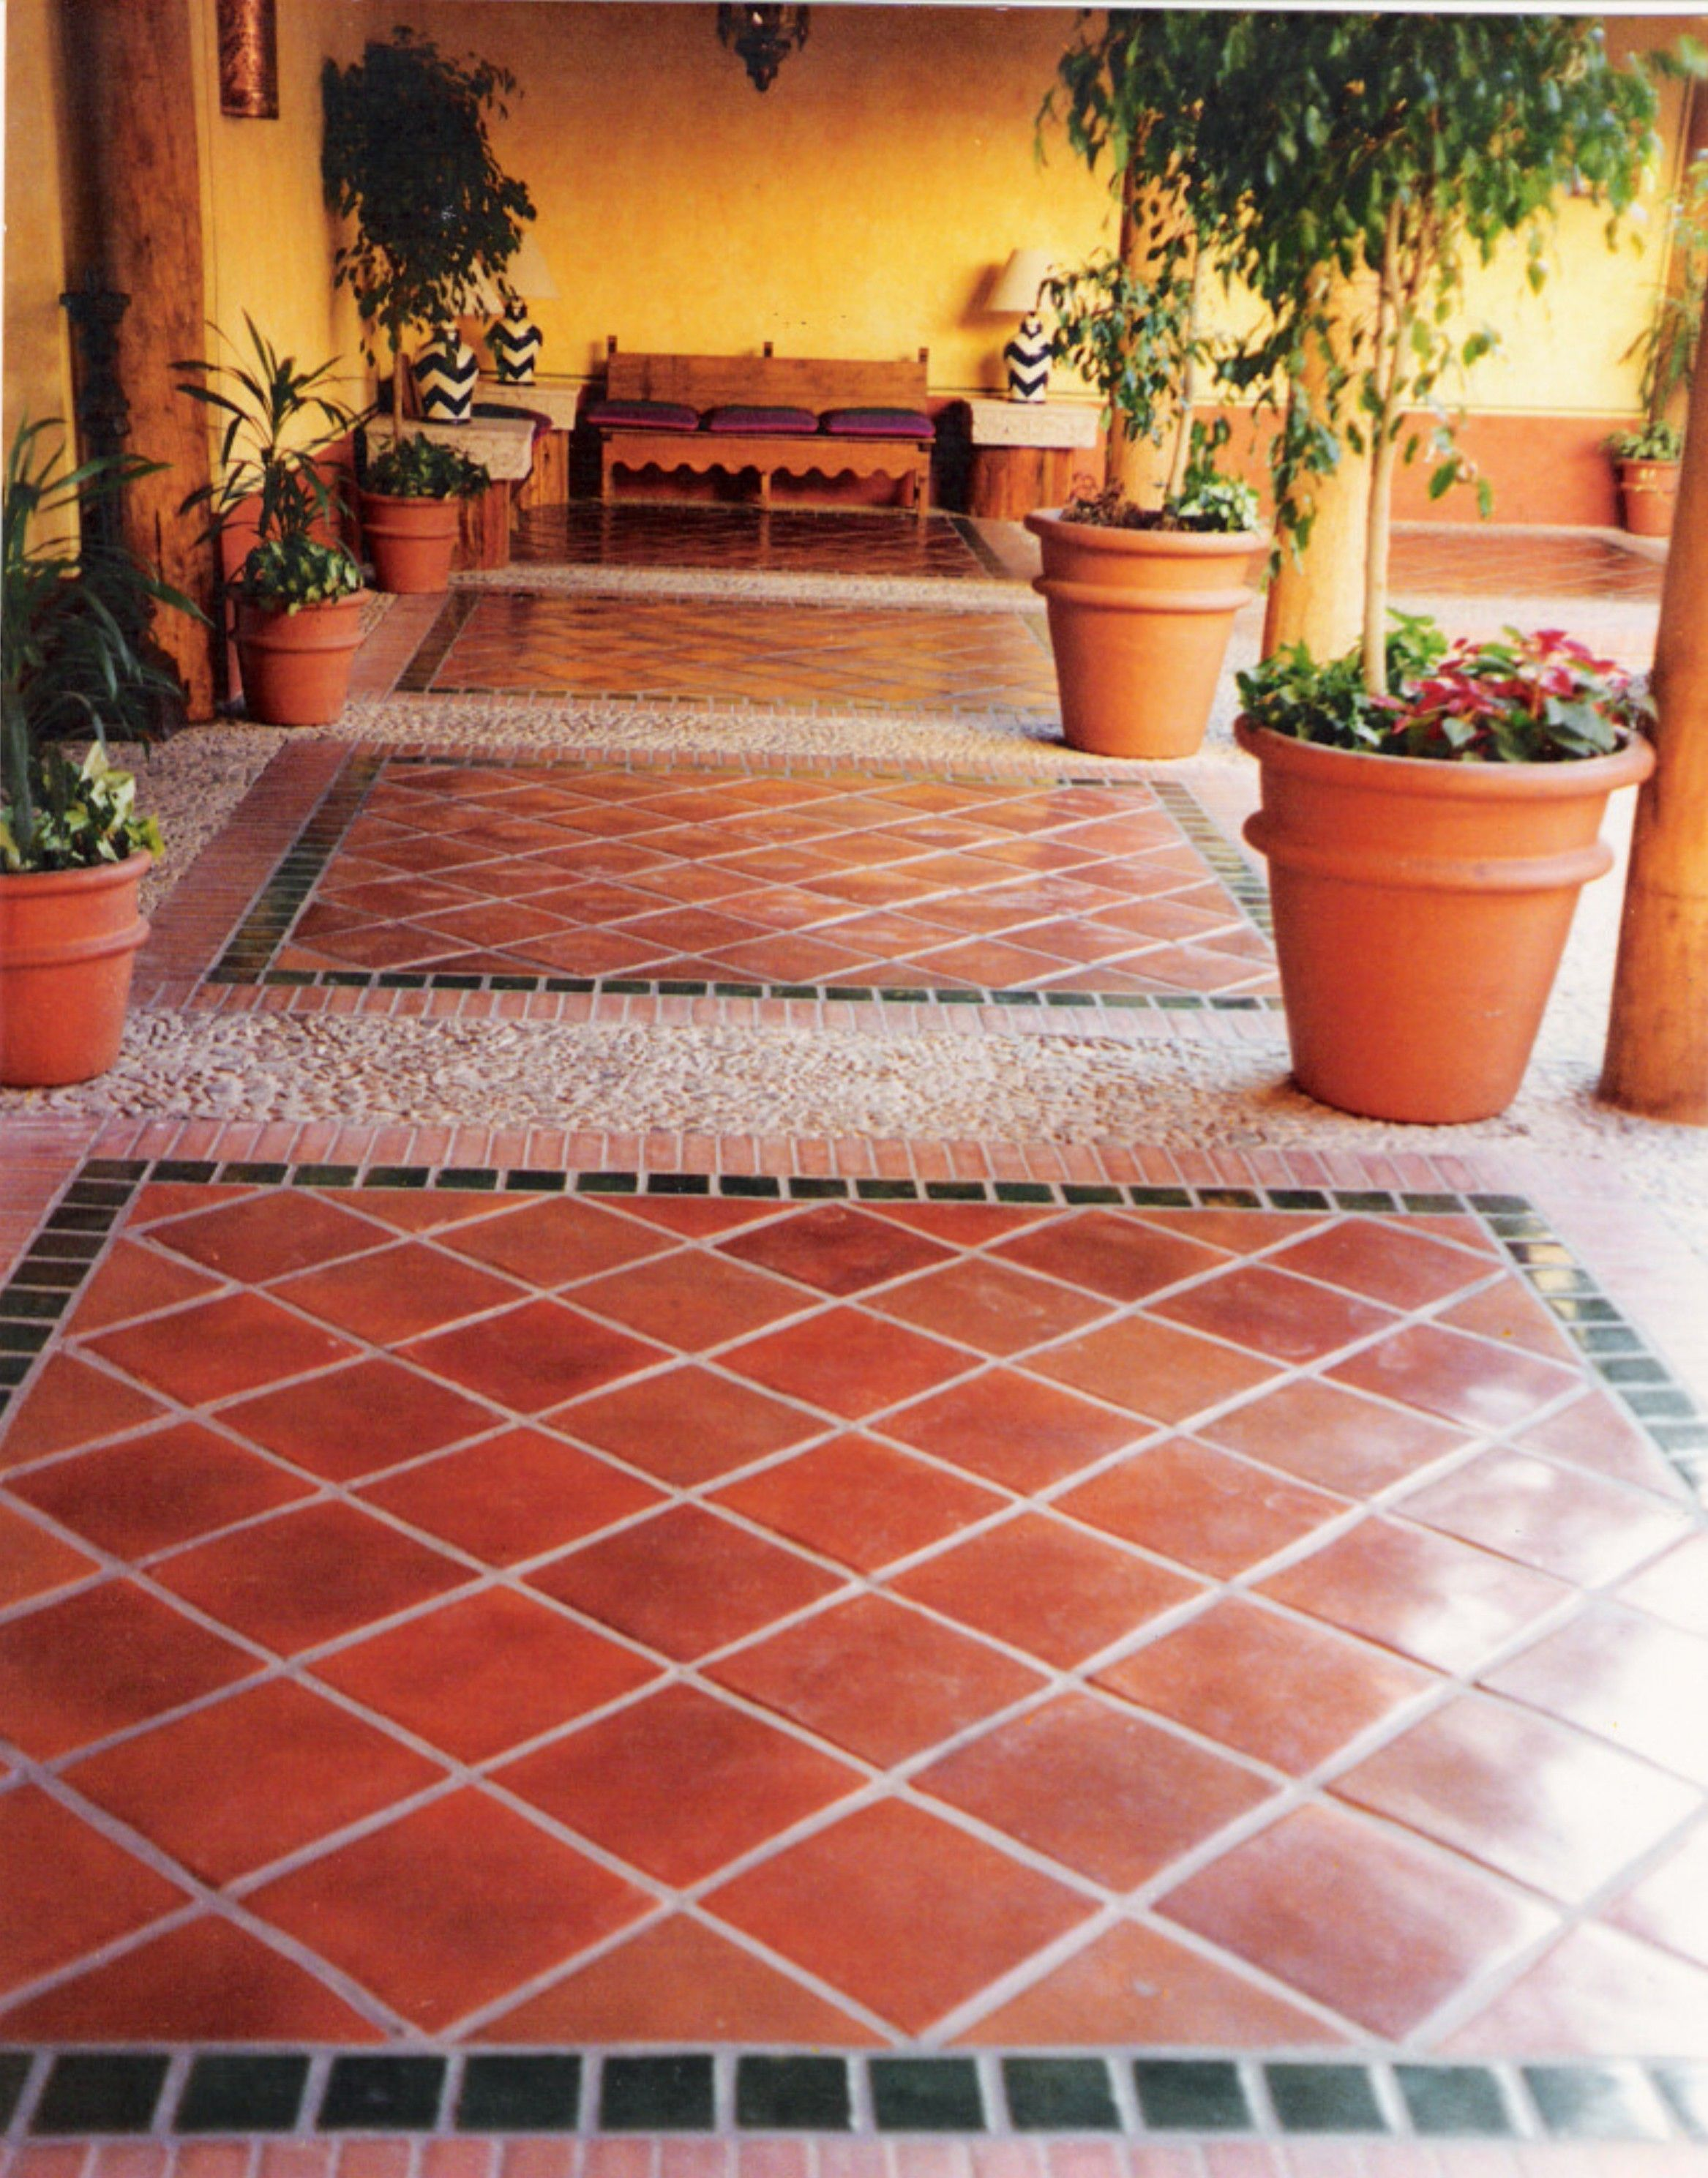 Ceramica san pedro instalaciones pisos y accesorios en for Nivelar piso de tierra